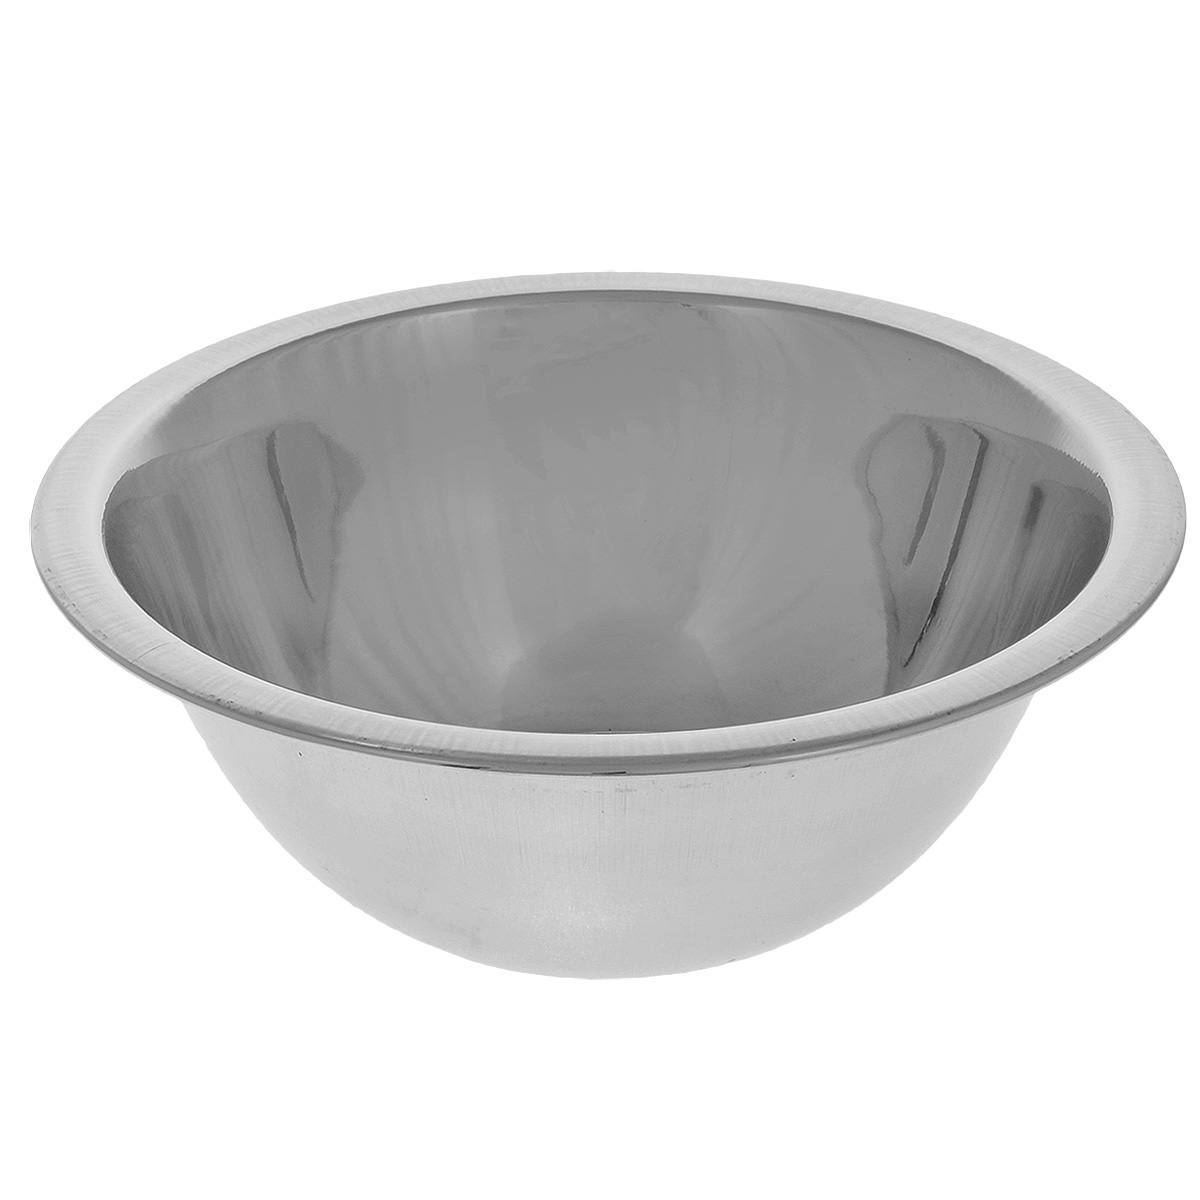 Миска Padia, диаметр 18 см, 750 мл115510Миска Padia изготовлена из нержавеющей стали. Удобная посуда прекрасно подойдет для походов и пикников. Прочная, компактная миска легко моется. Отлично подойдет для горячих блюд.Диаметр миски: 17,5 см.Высота миски: 5,5 см.Объем: 750 мл.